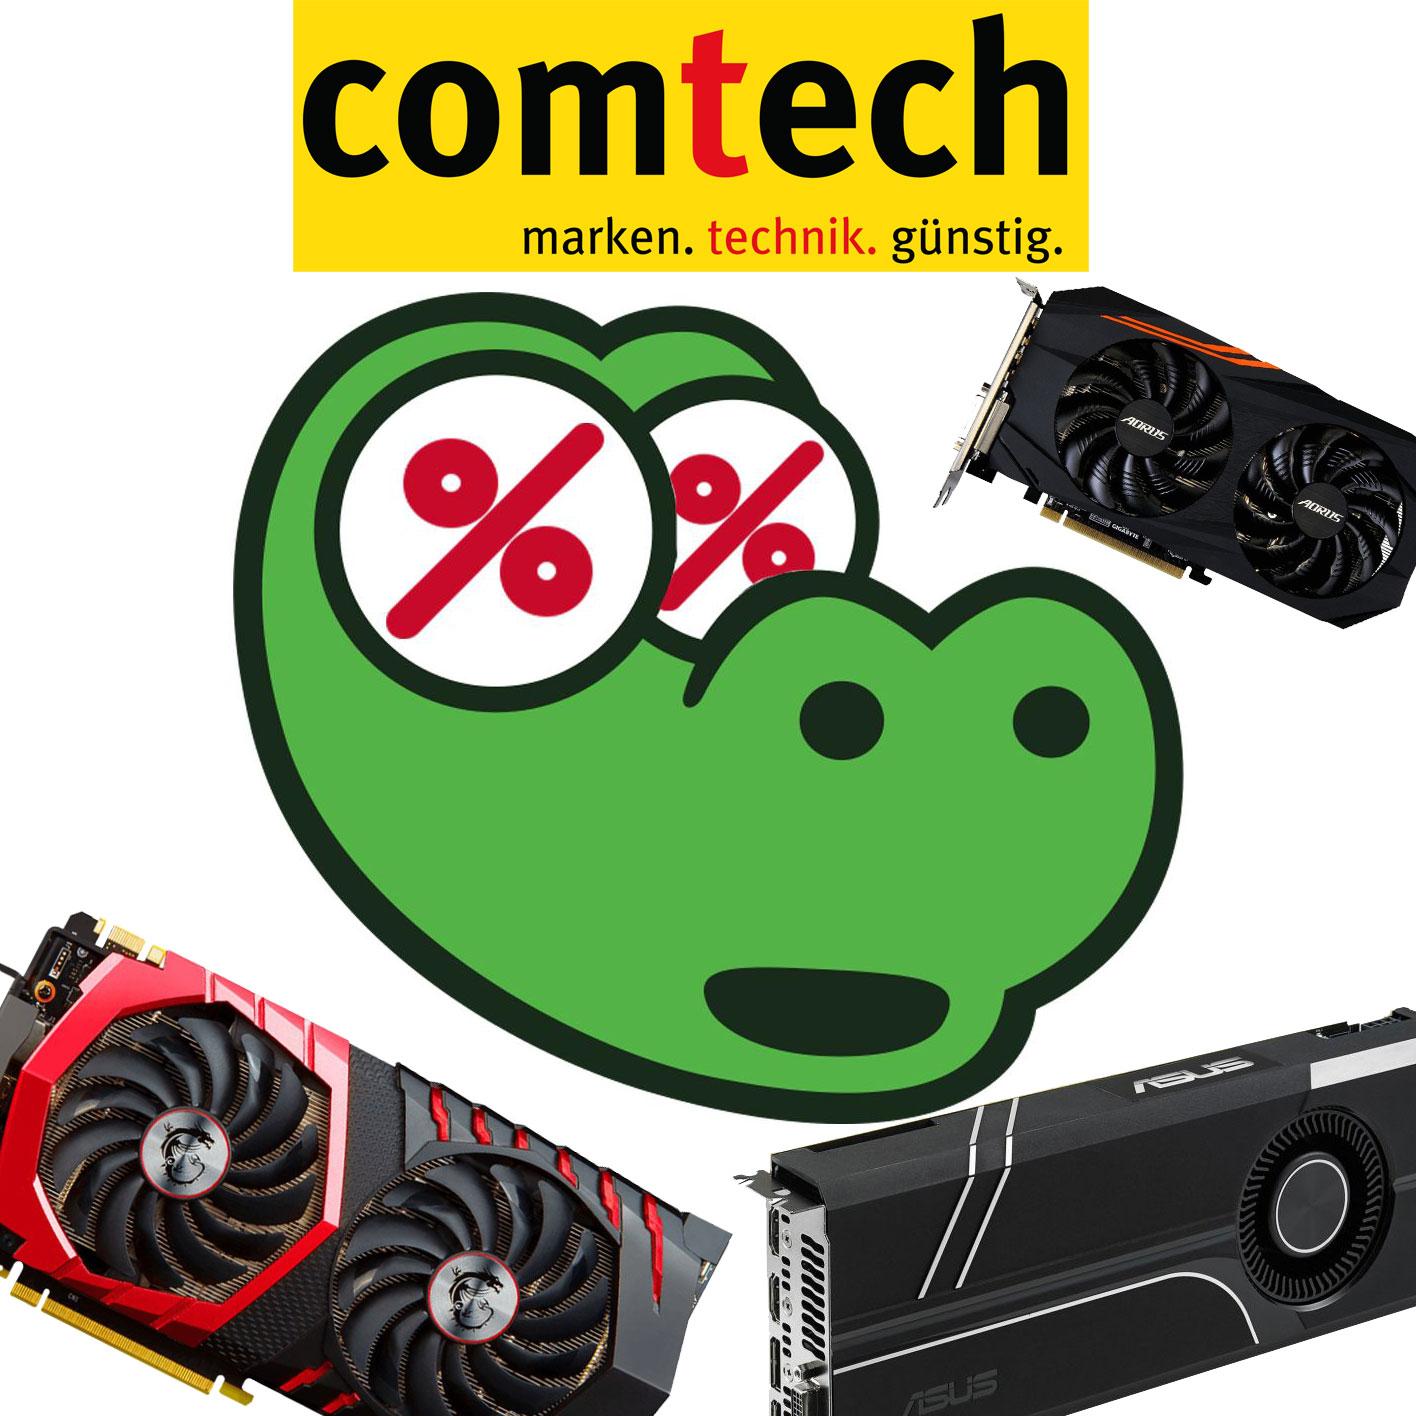 Gaming Superweekend: z.B. RX570 4GB für 200€, GTX 1060 6GB für 255€ bzw. 3GB für 206€ und GTX 1080 8GB für 450€